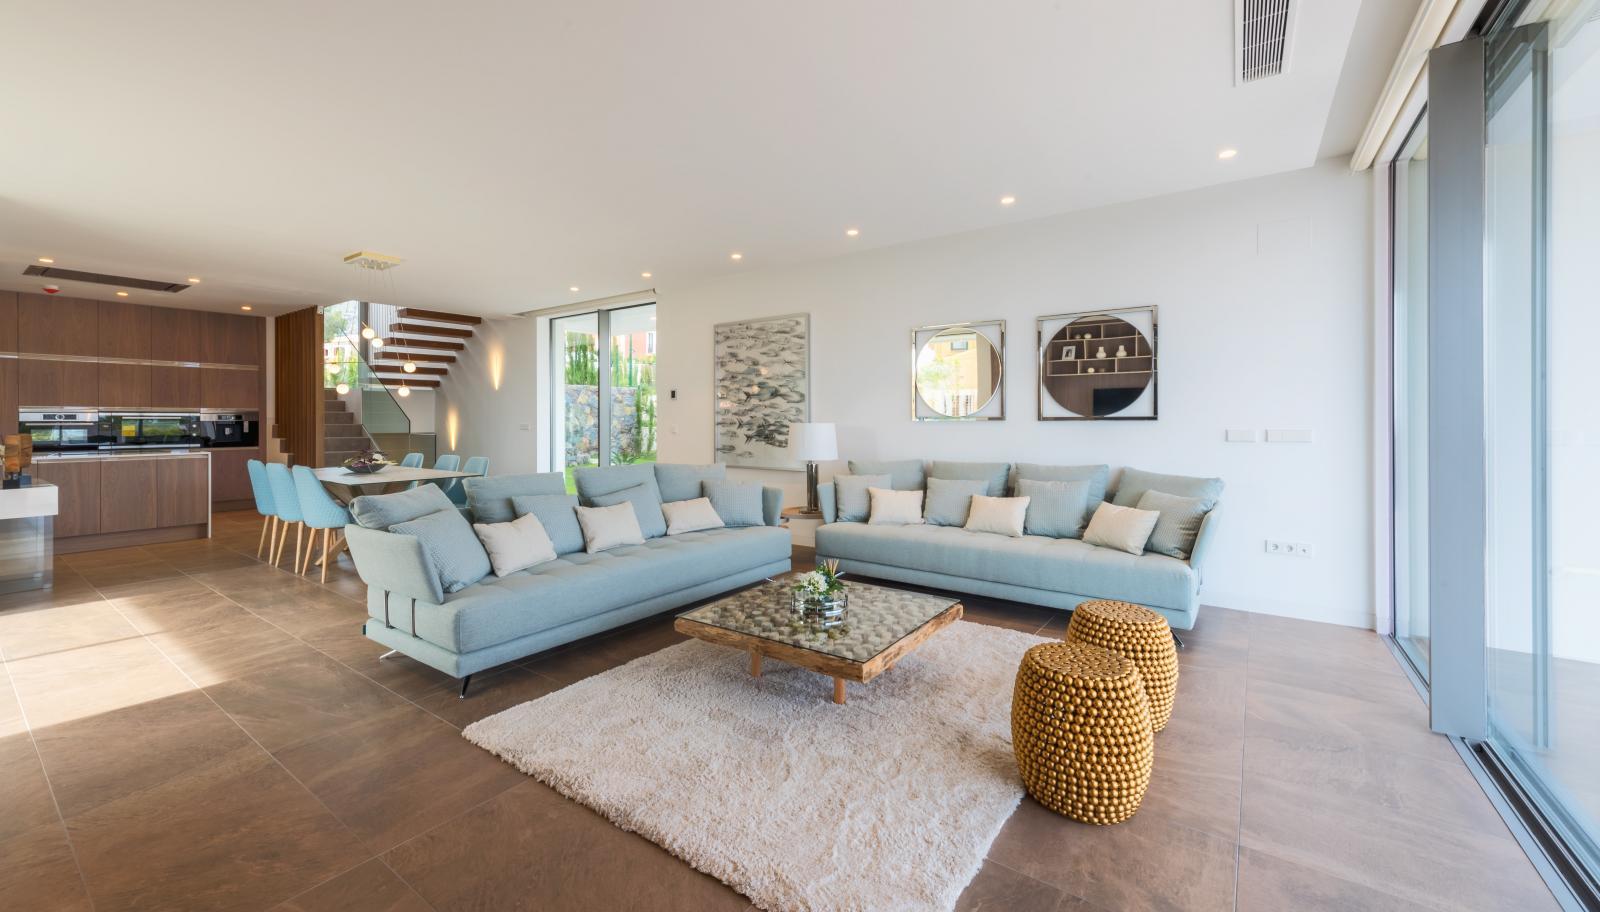 4. Brand new villa in Finestrat Alicante - Fantastic Brand New Villa in Finestrat, Alicante